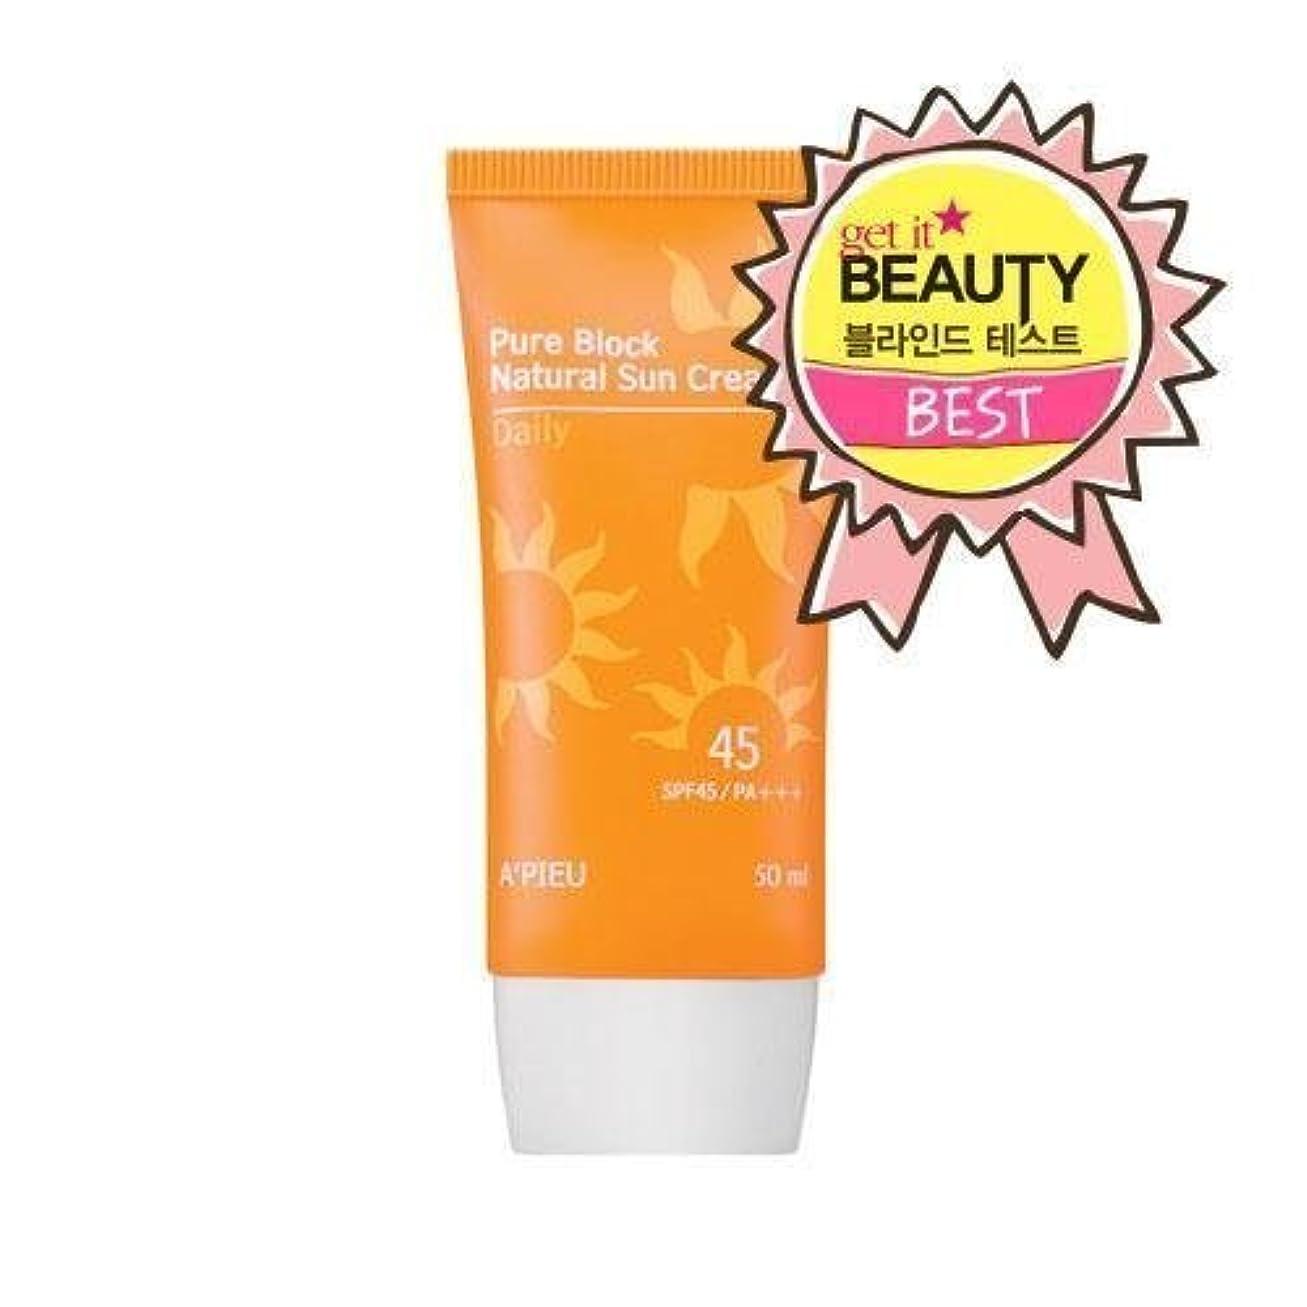 やさしい代名詞キノコAPIEU Pure Natural Daily Sun Cream (SPF45/PA+++)/ Made in Korea